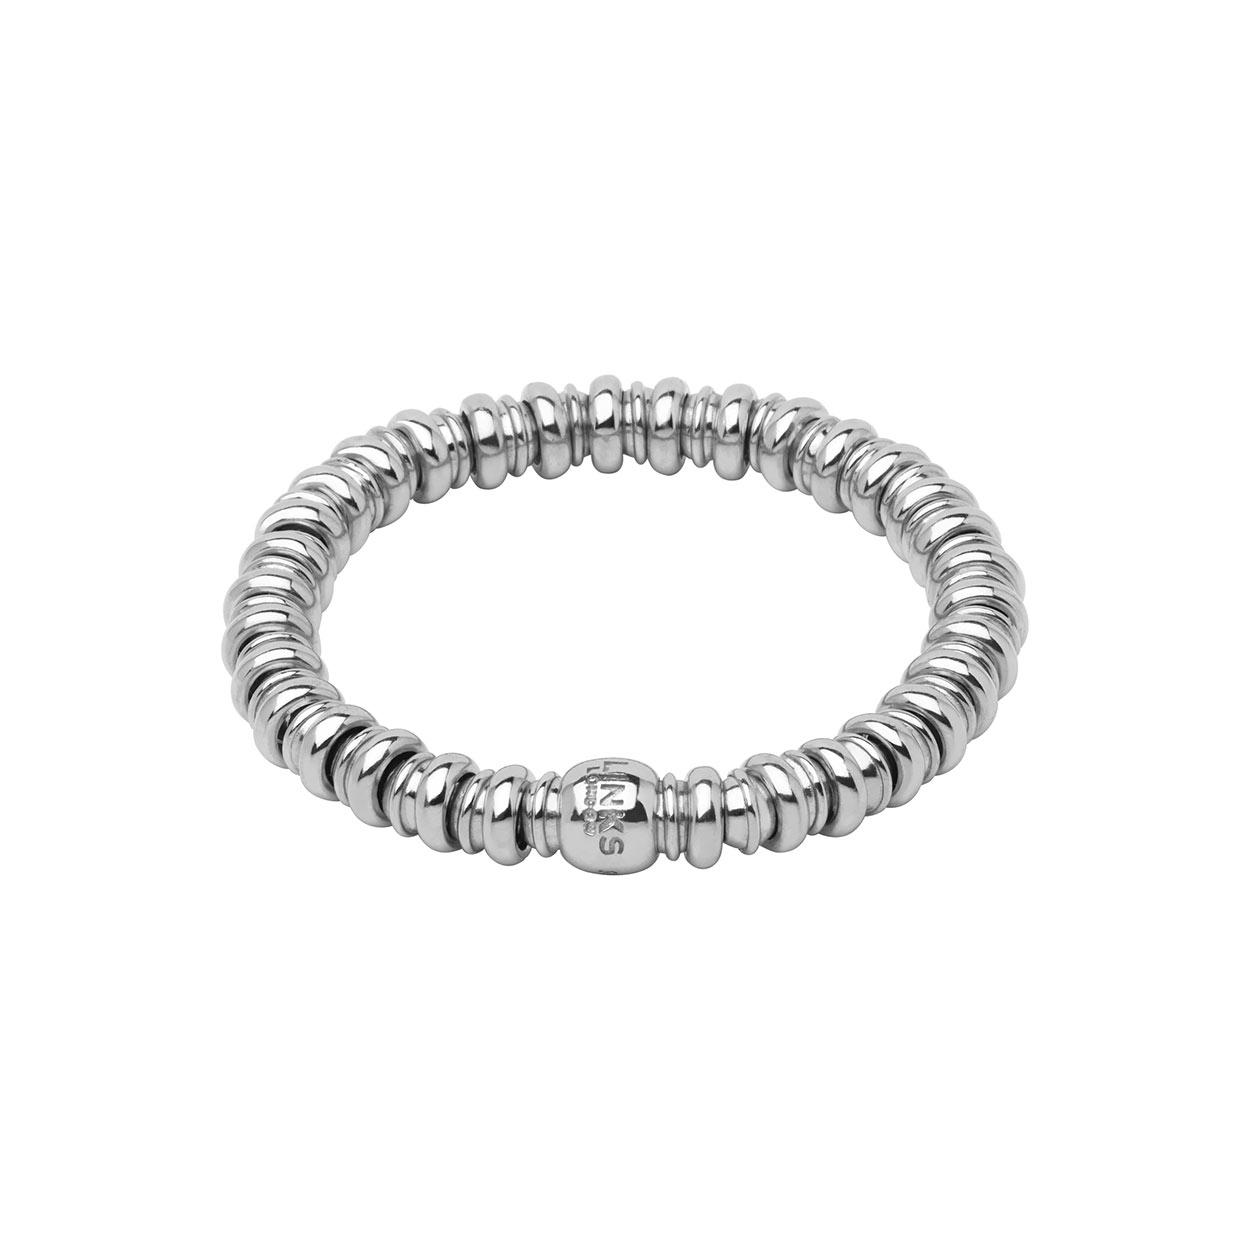 Sweetheart Sterling Silver Bracelet